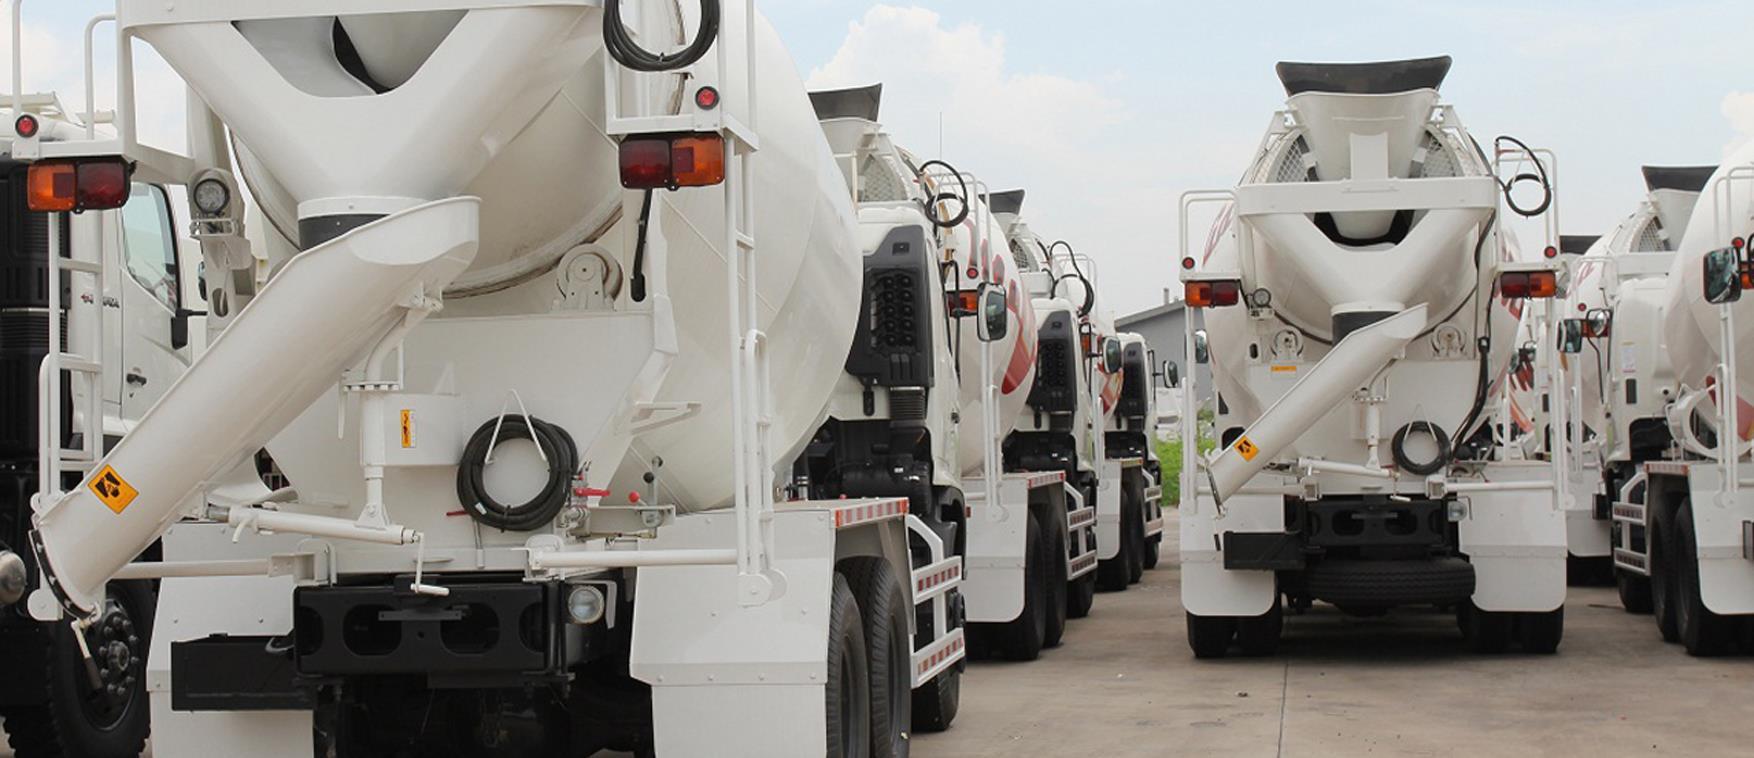 harga mobil dump truck, jual karoseri tangki semen, harga concrete mixer